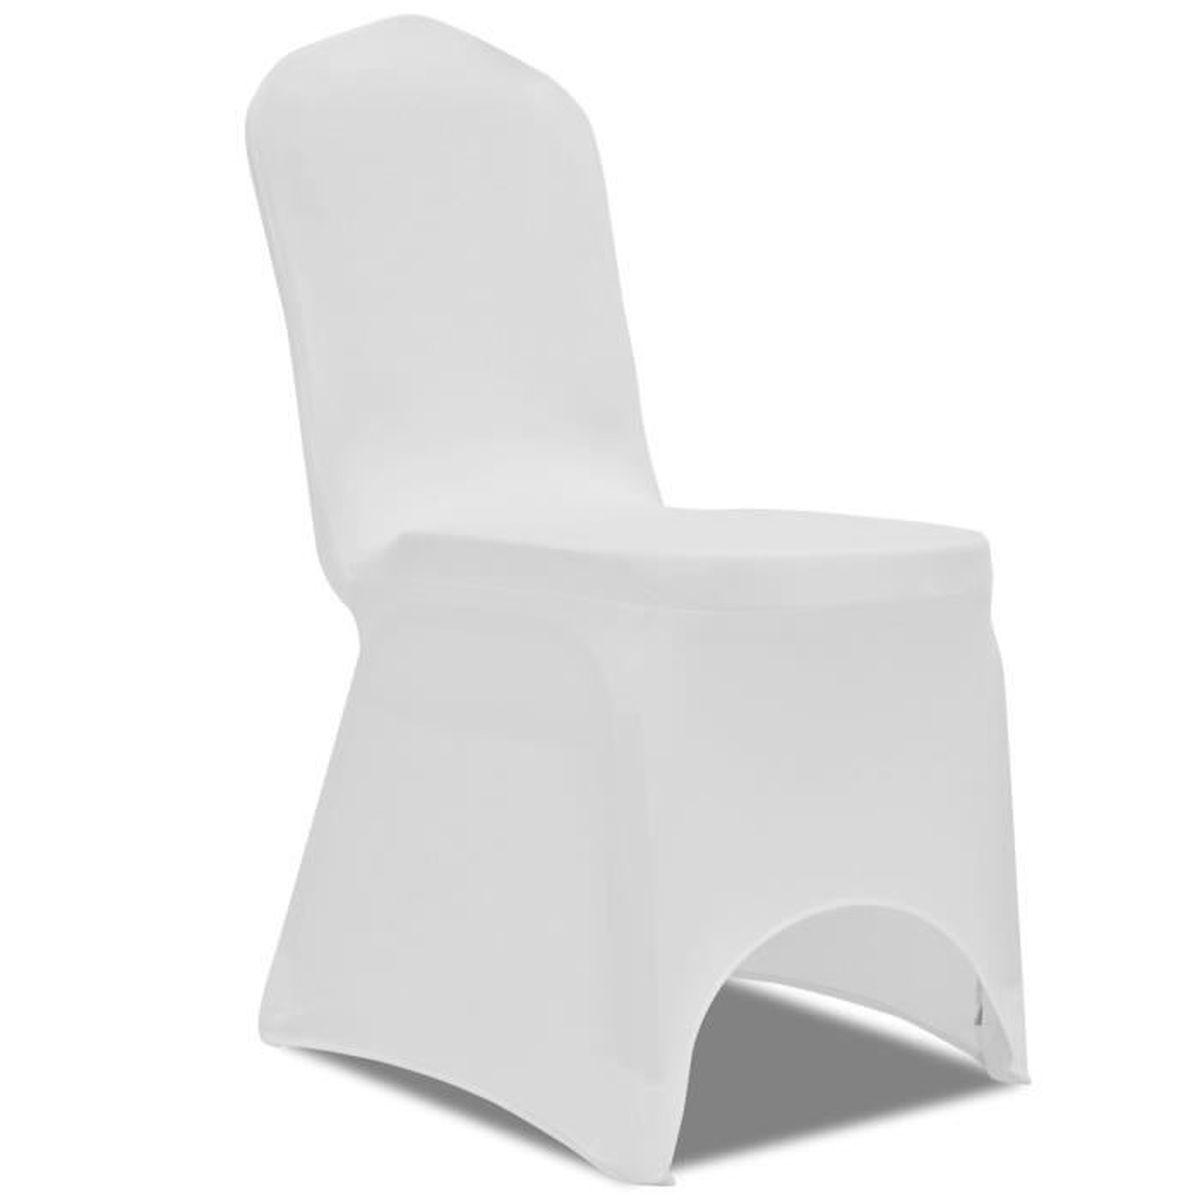 Housses Décorative De Achat Spandex Blanc Front Chaise Arqué 80knOwP